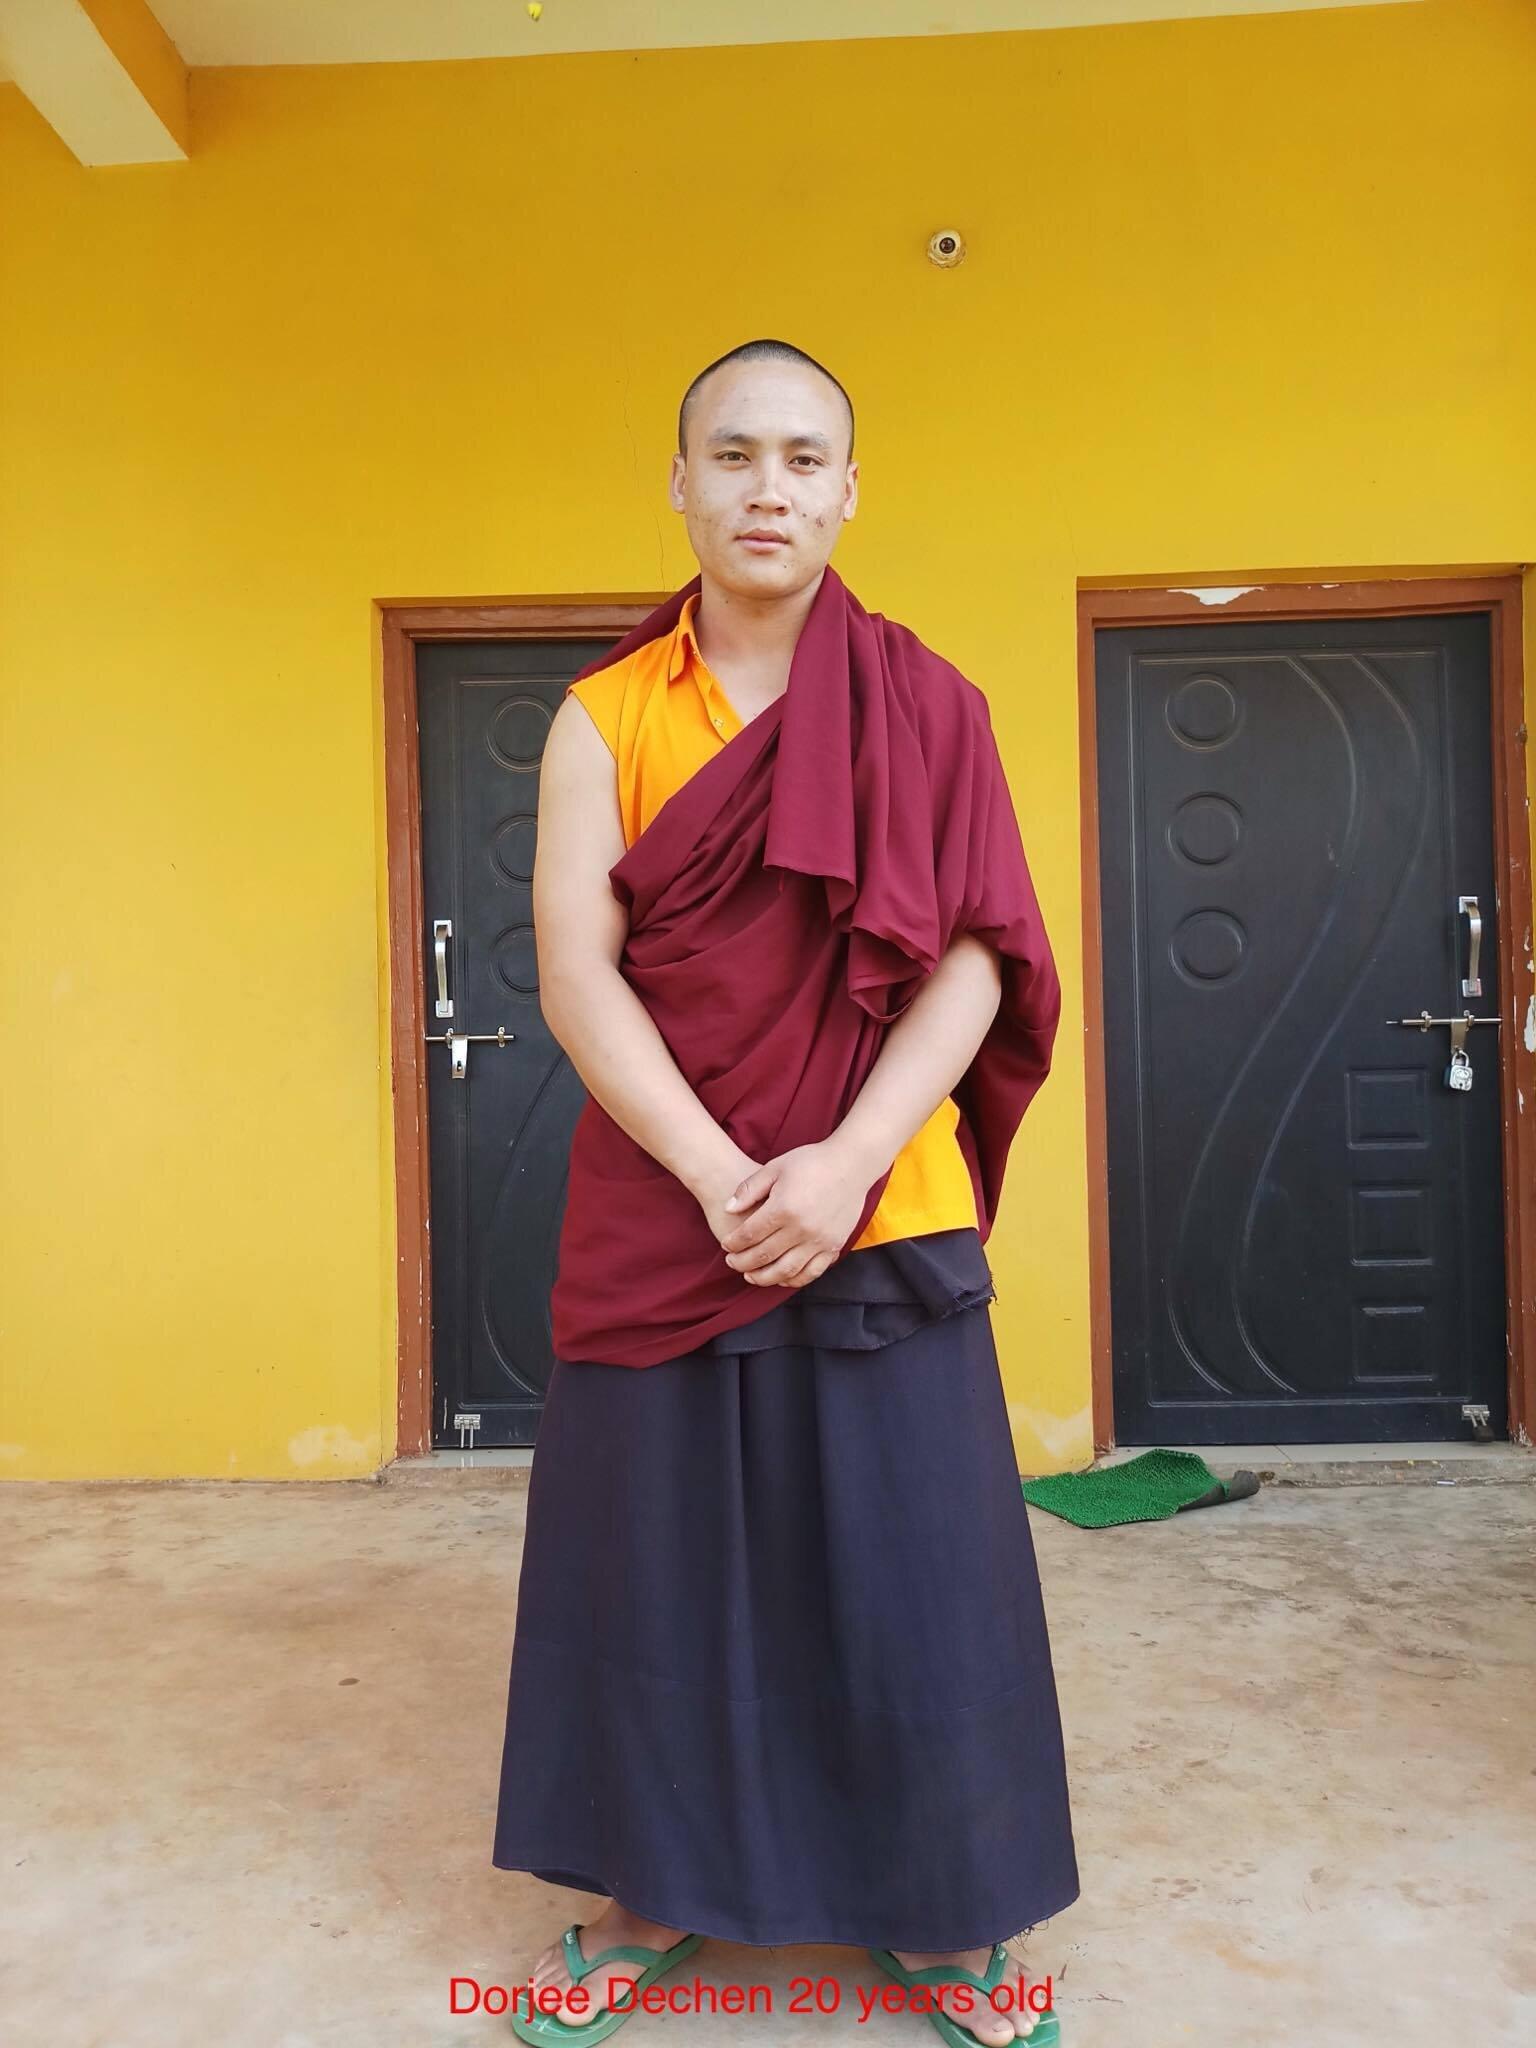 Monk_Dorjee_Dechen_20yrs_old.jpg